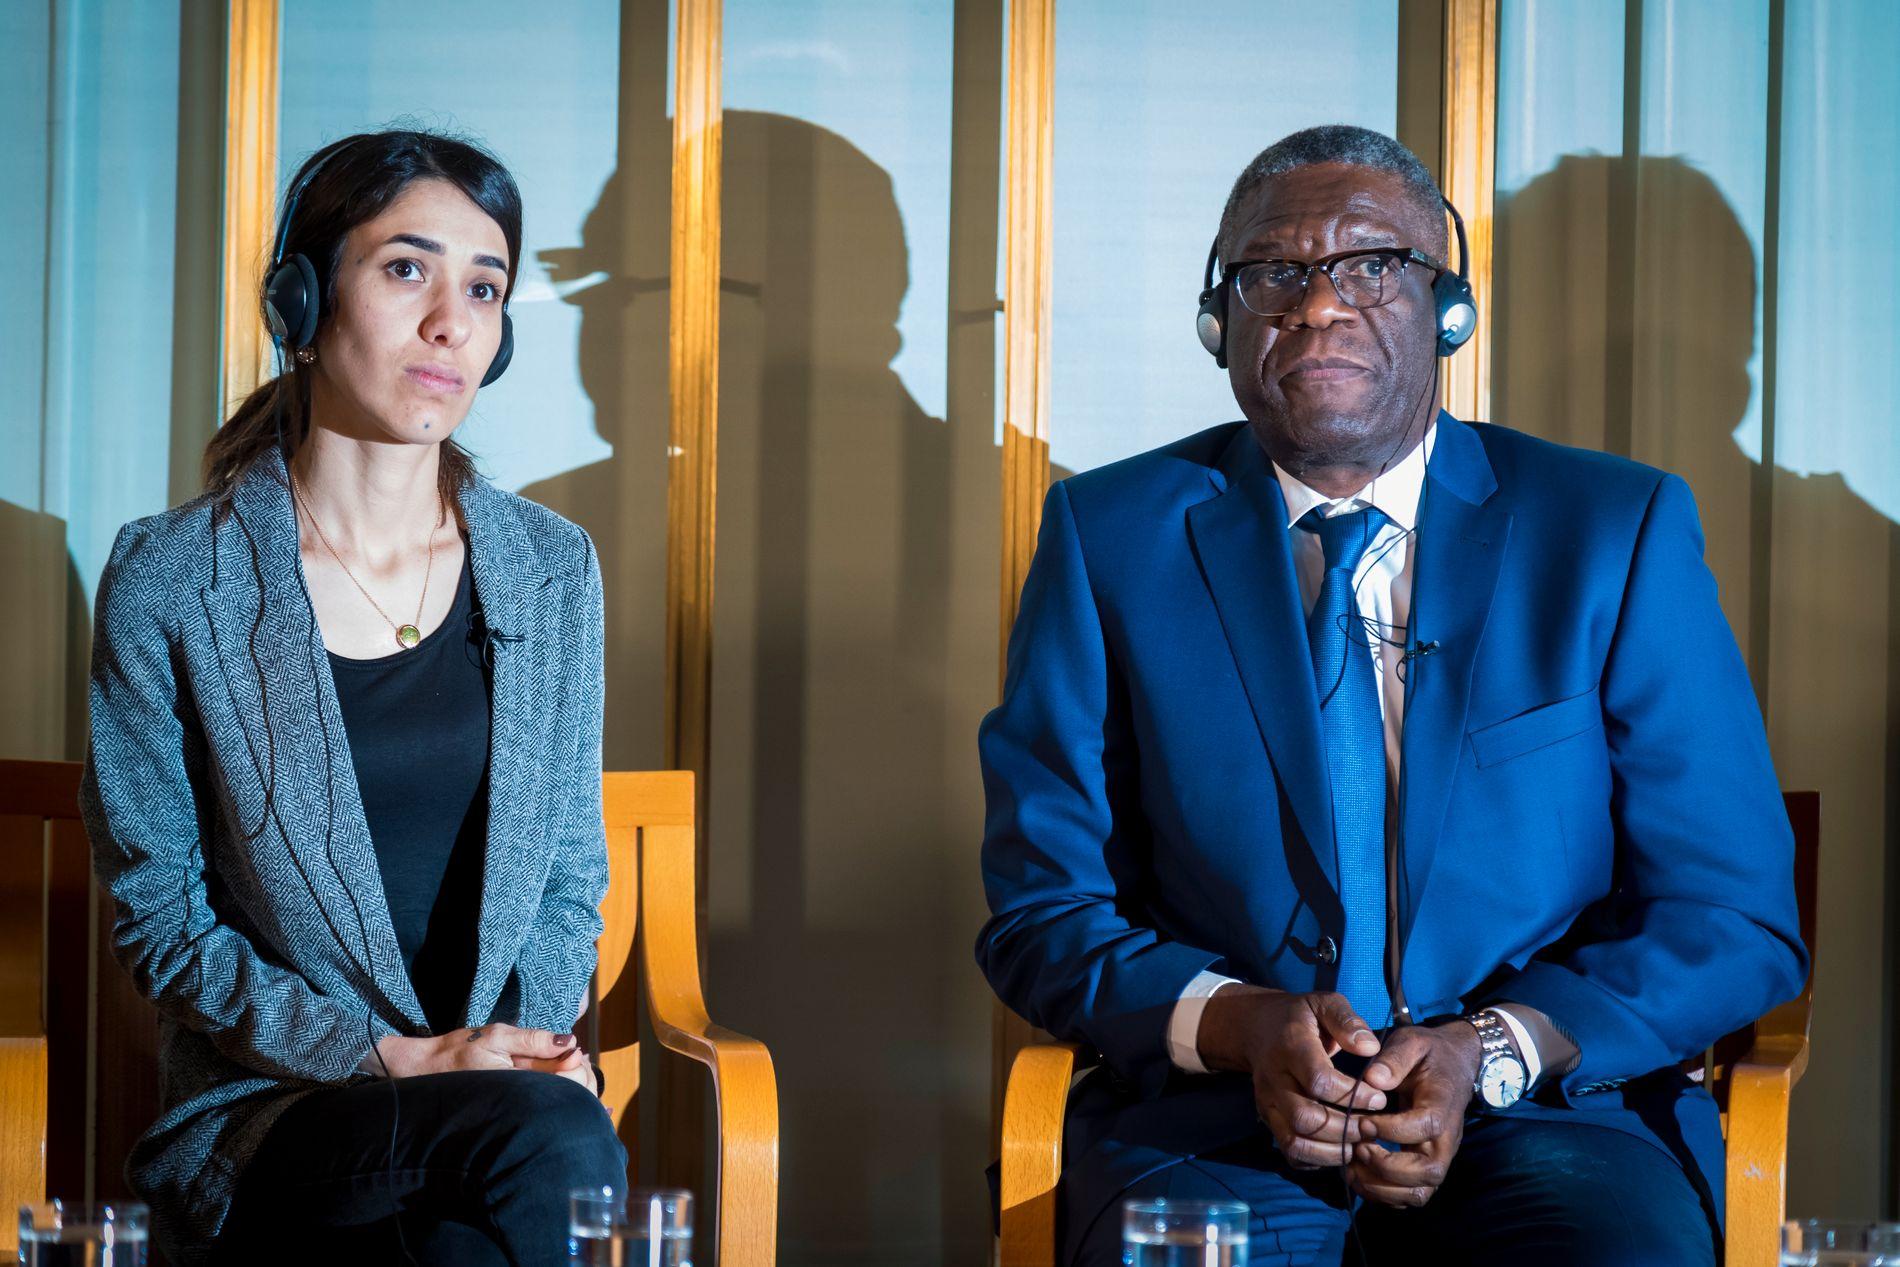 PRISVINNERNE: Nadia Murad fra Irak og Denis Mukwege fra Kongo tildeles Nobels fredspris for sin kamp mot seksualisert vold brukt som våpen i krig og væpnede konflikter.